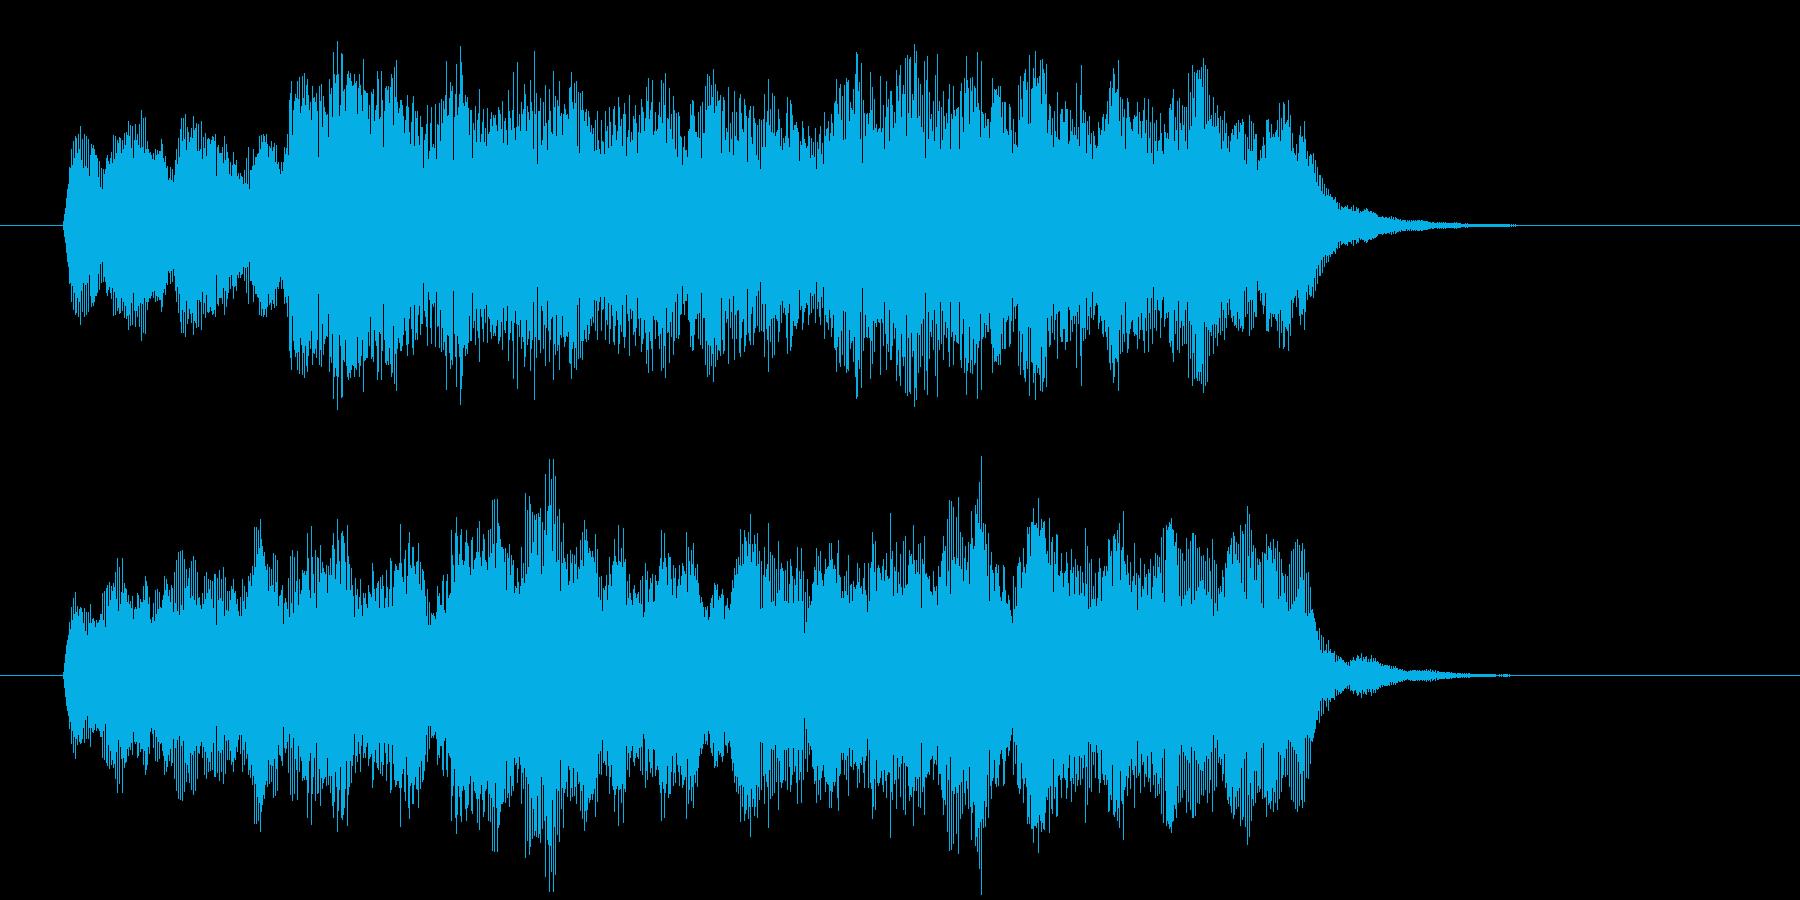 ディズニー風ジングルショートバージョンの再生済みの波形